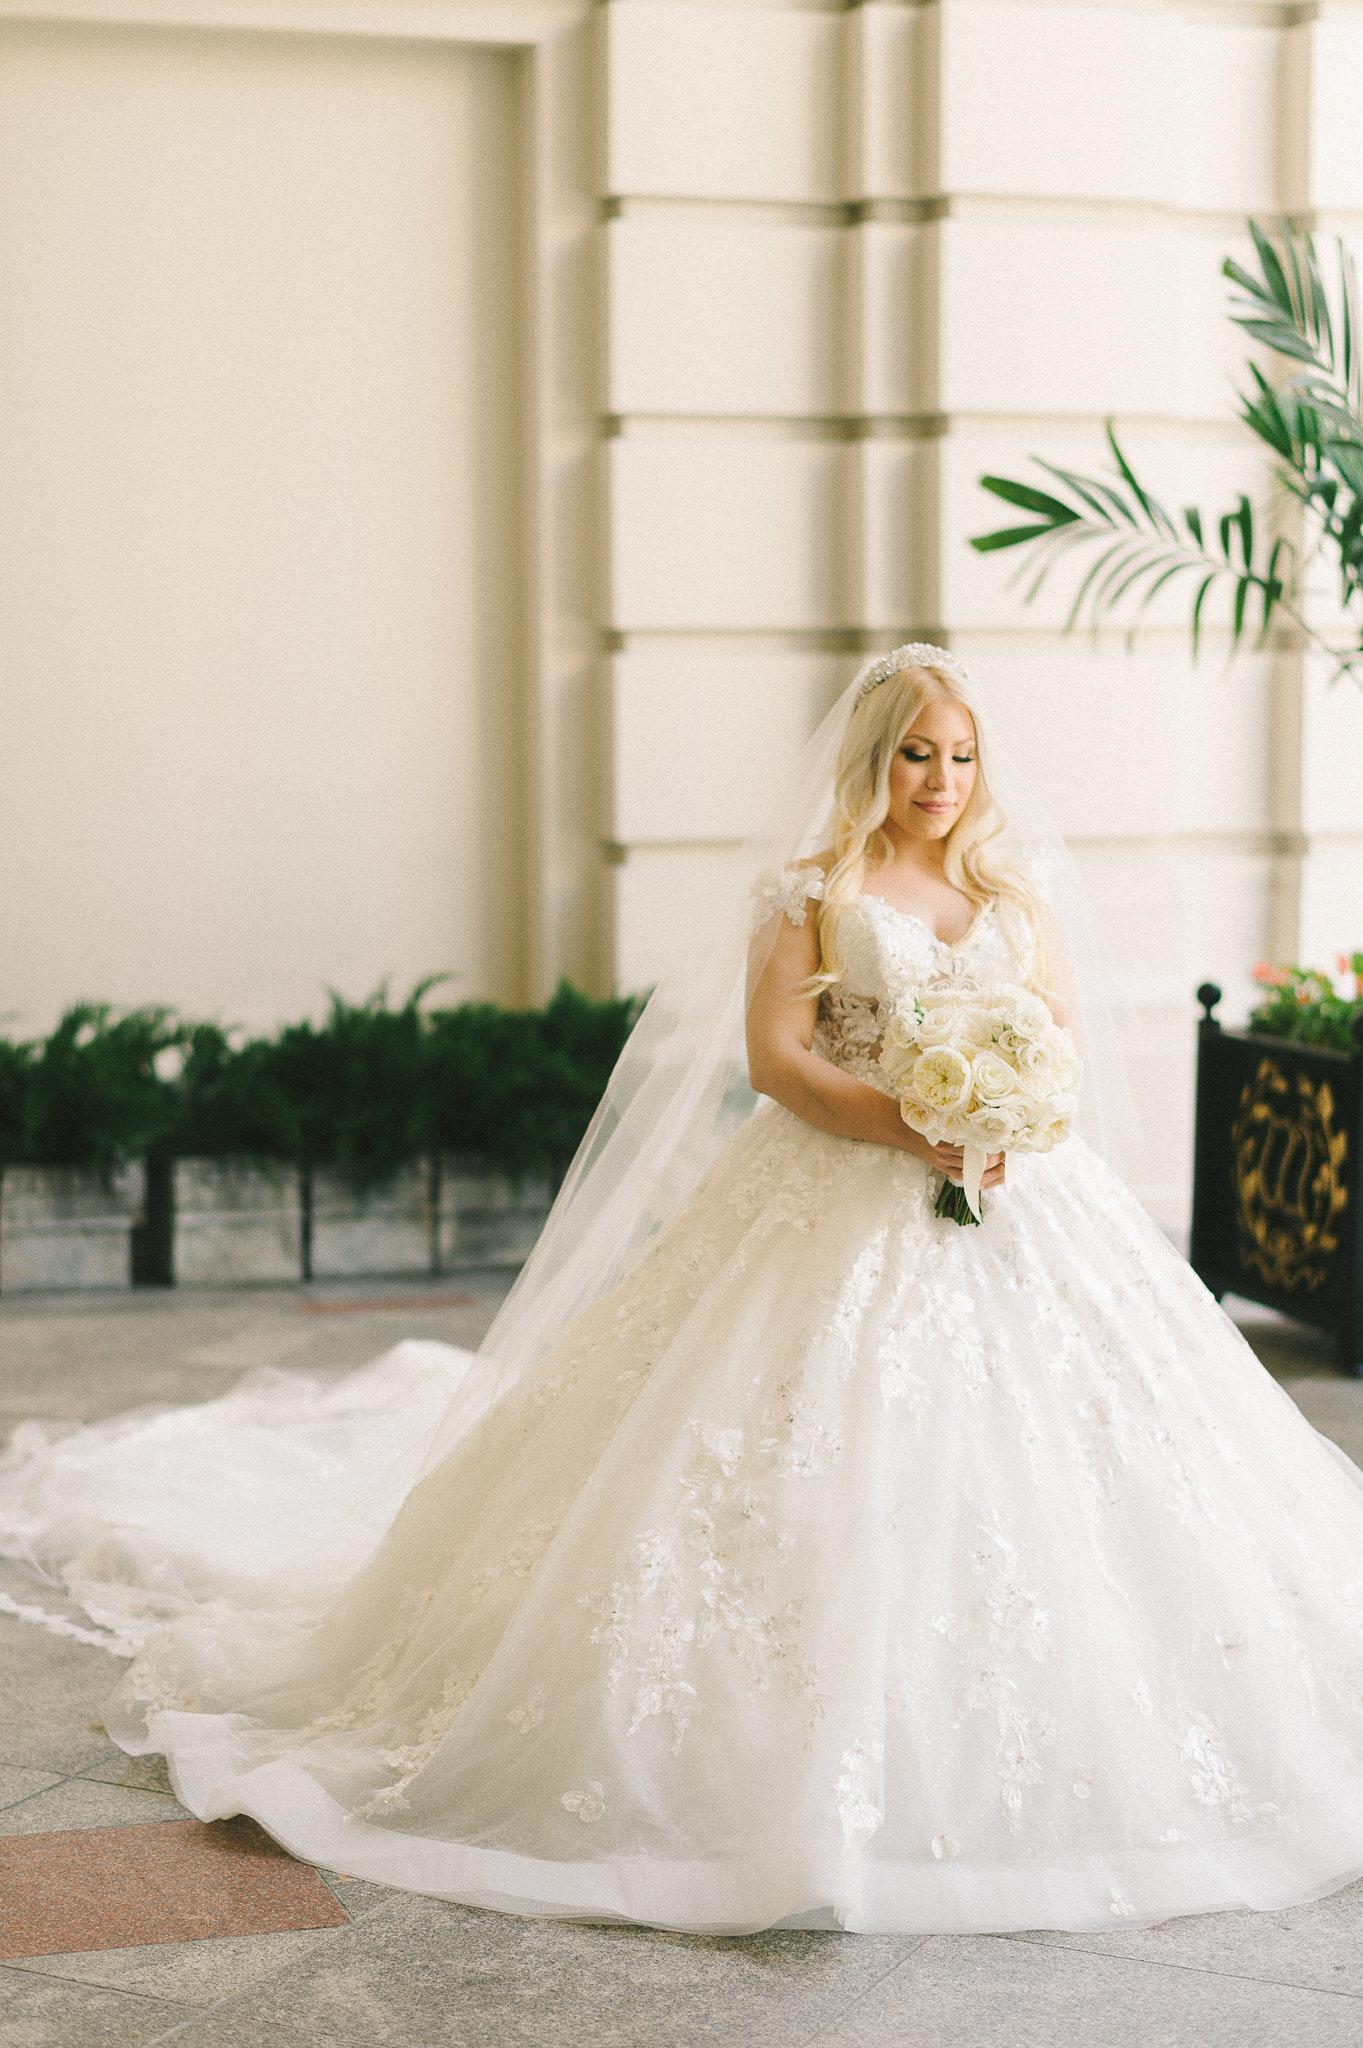 Elizabeth-Fogarty-Wedding-Photography-108.jpg